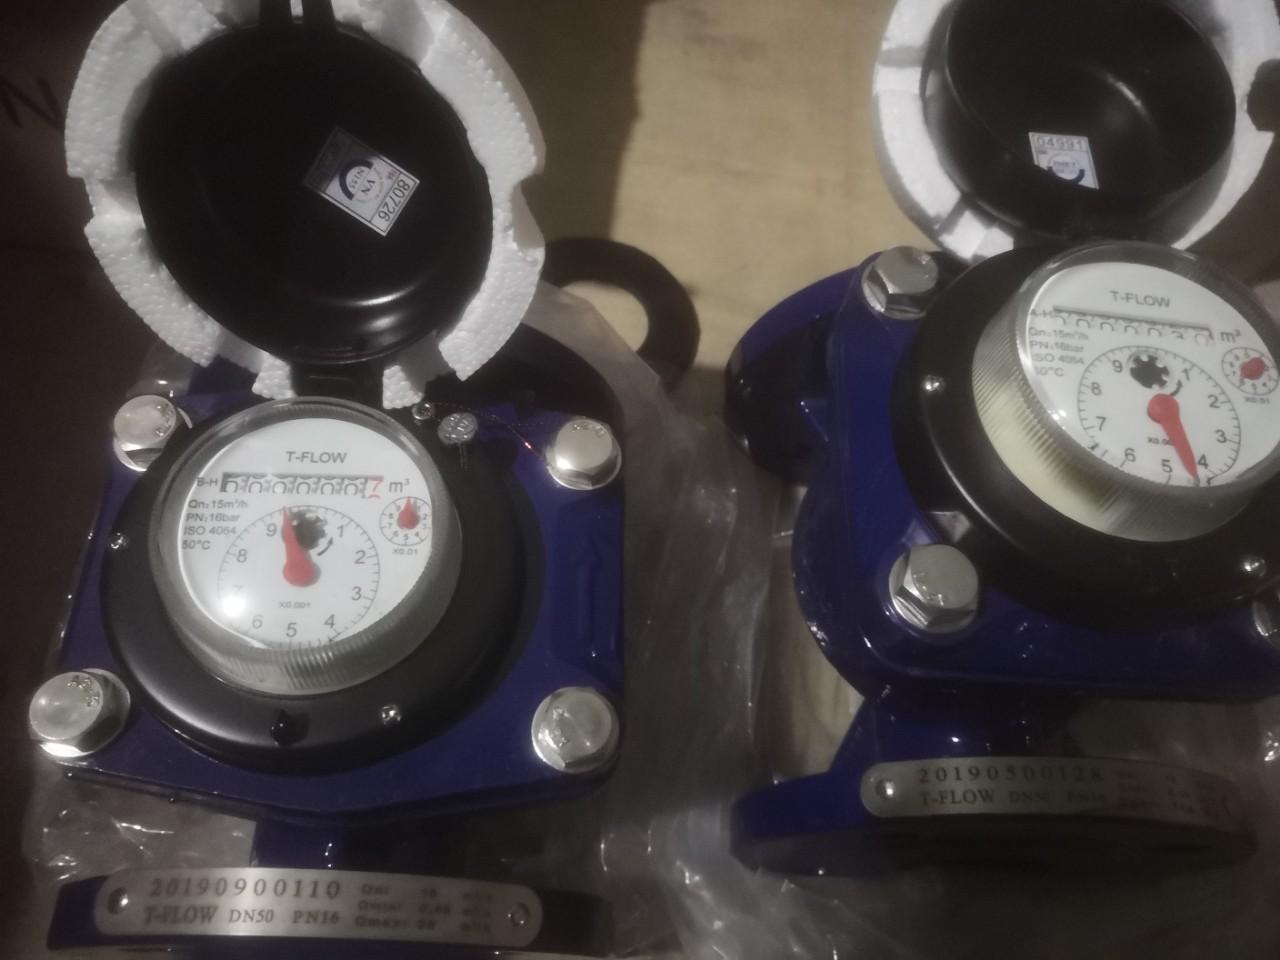 Đồng hồ đo lưu lượng nước T-Flow DN50